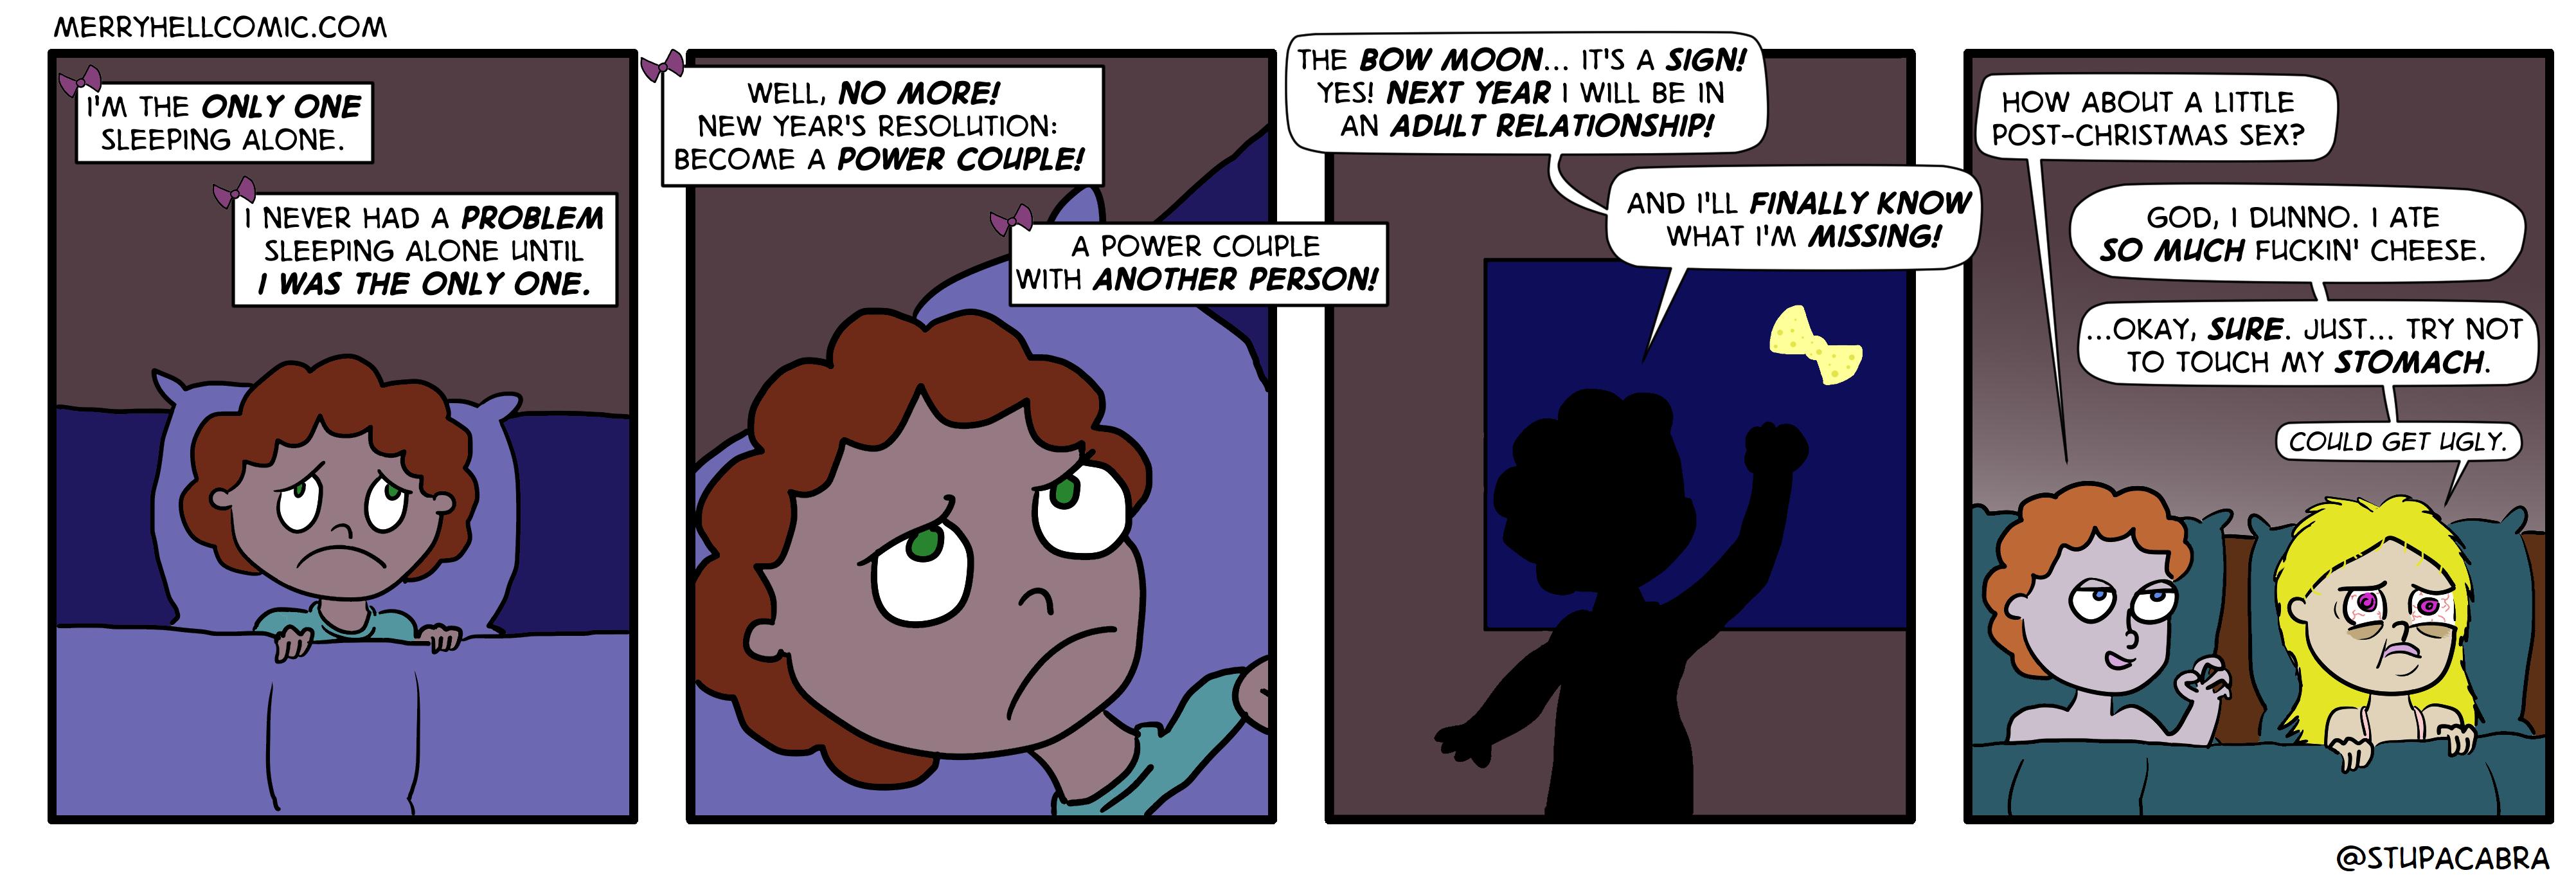 166. Power couple